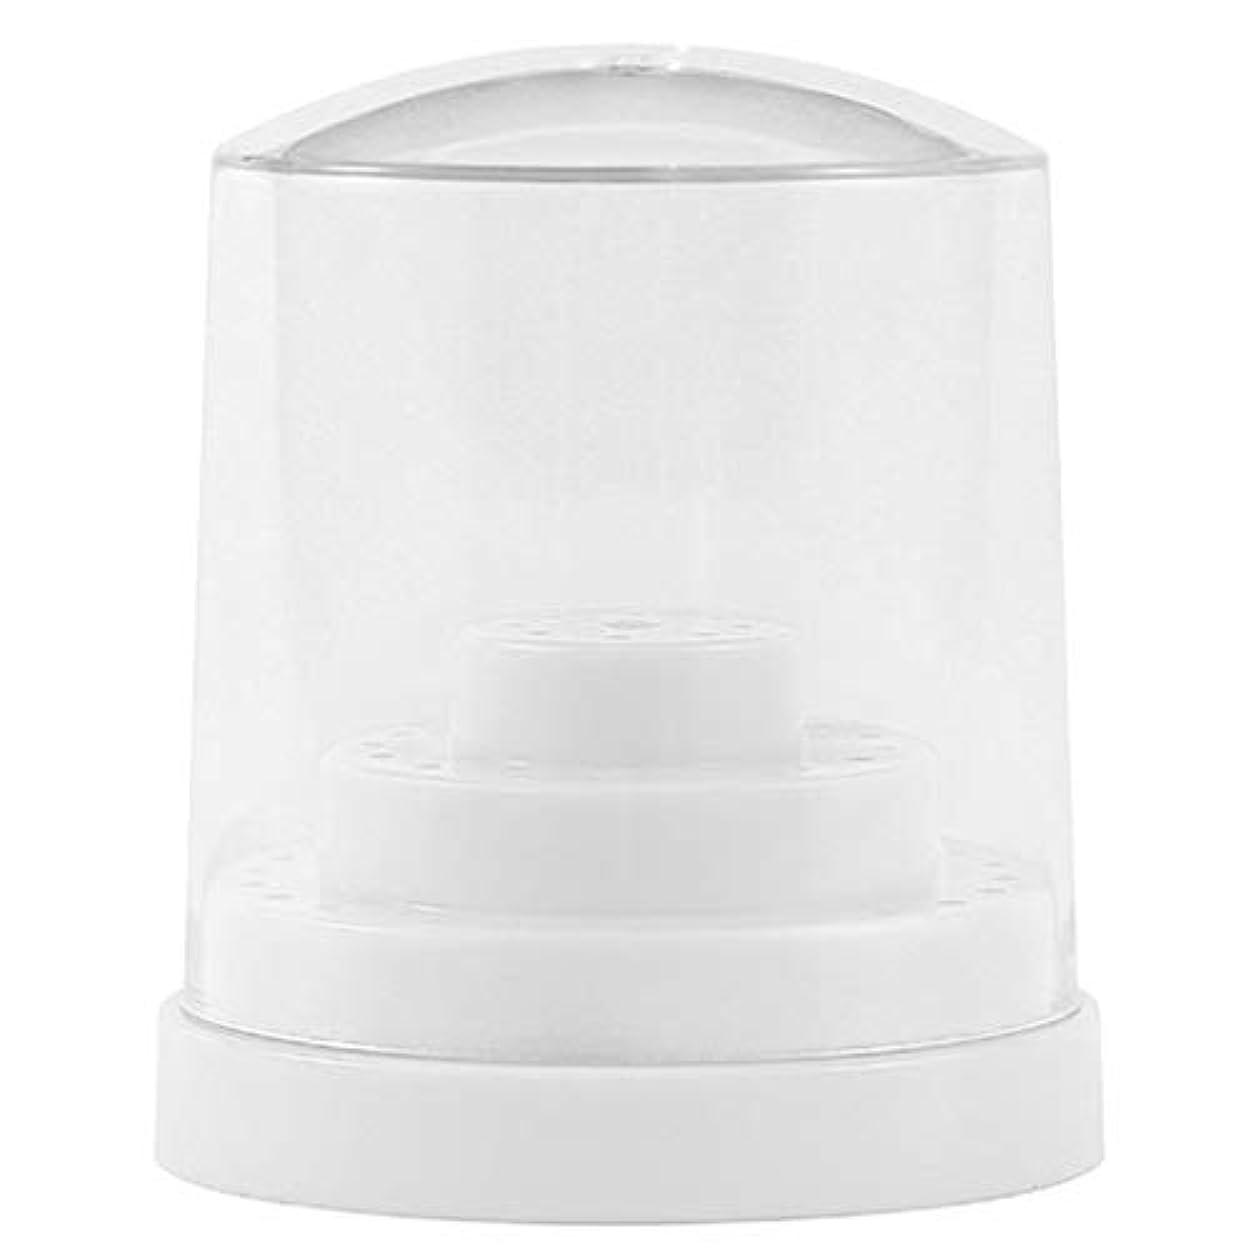 トランクライブラリ北方選ぶ三層48穴 ネイルドリルビットホルダー アクリル製 ネイルマシーン用ビットスタンド 防塵 全2色 - ホワイト